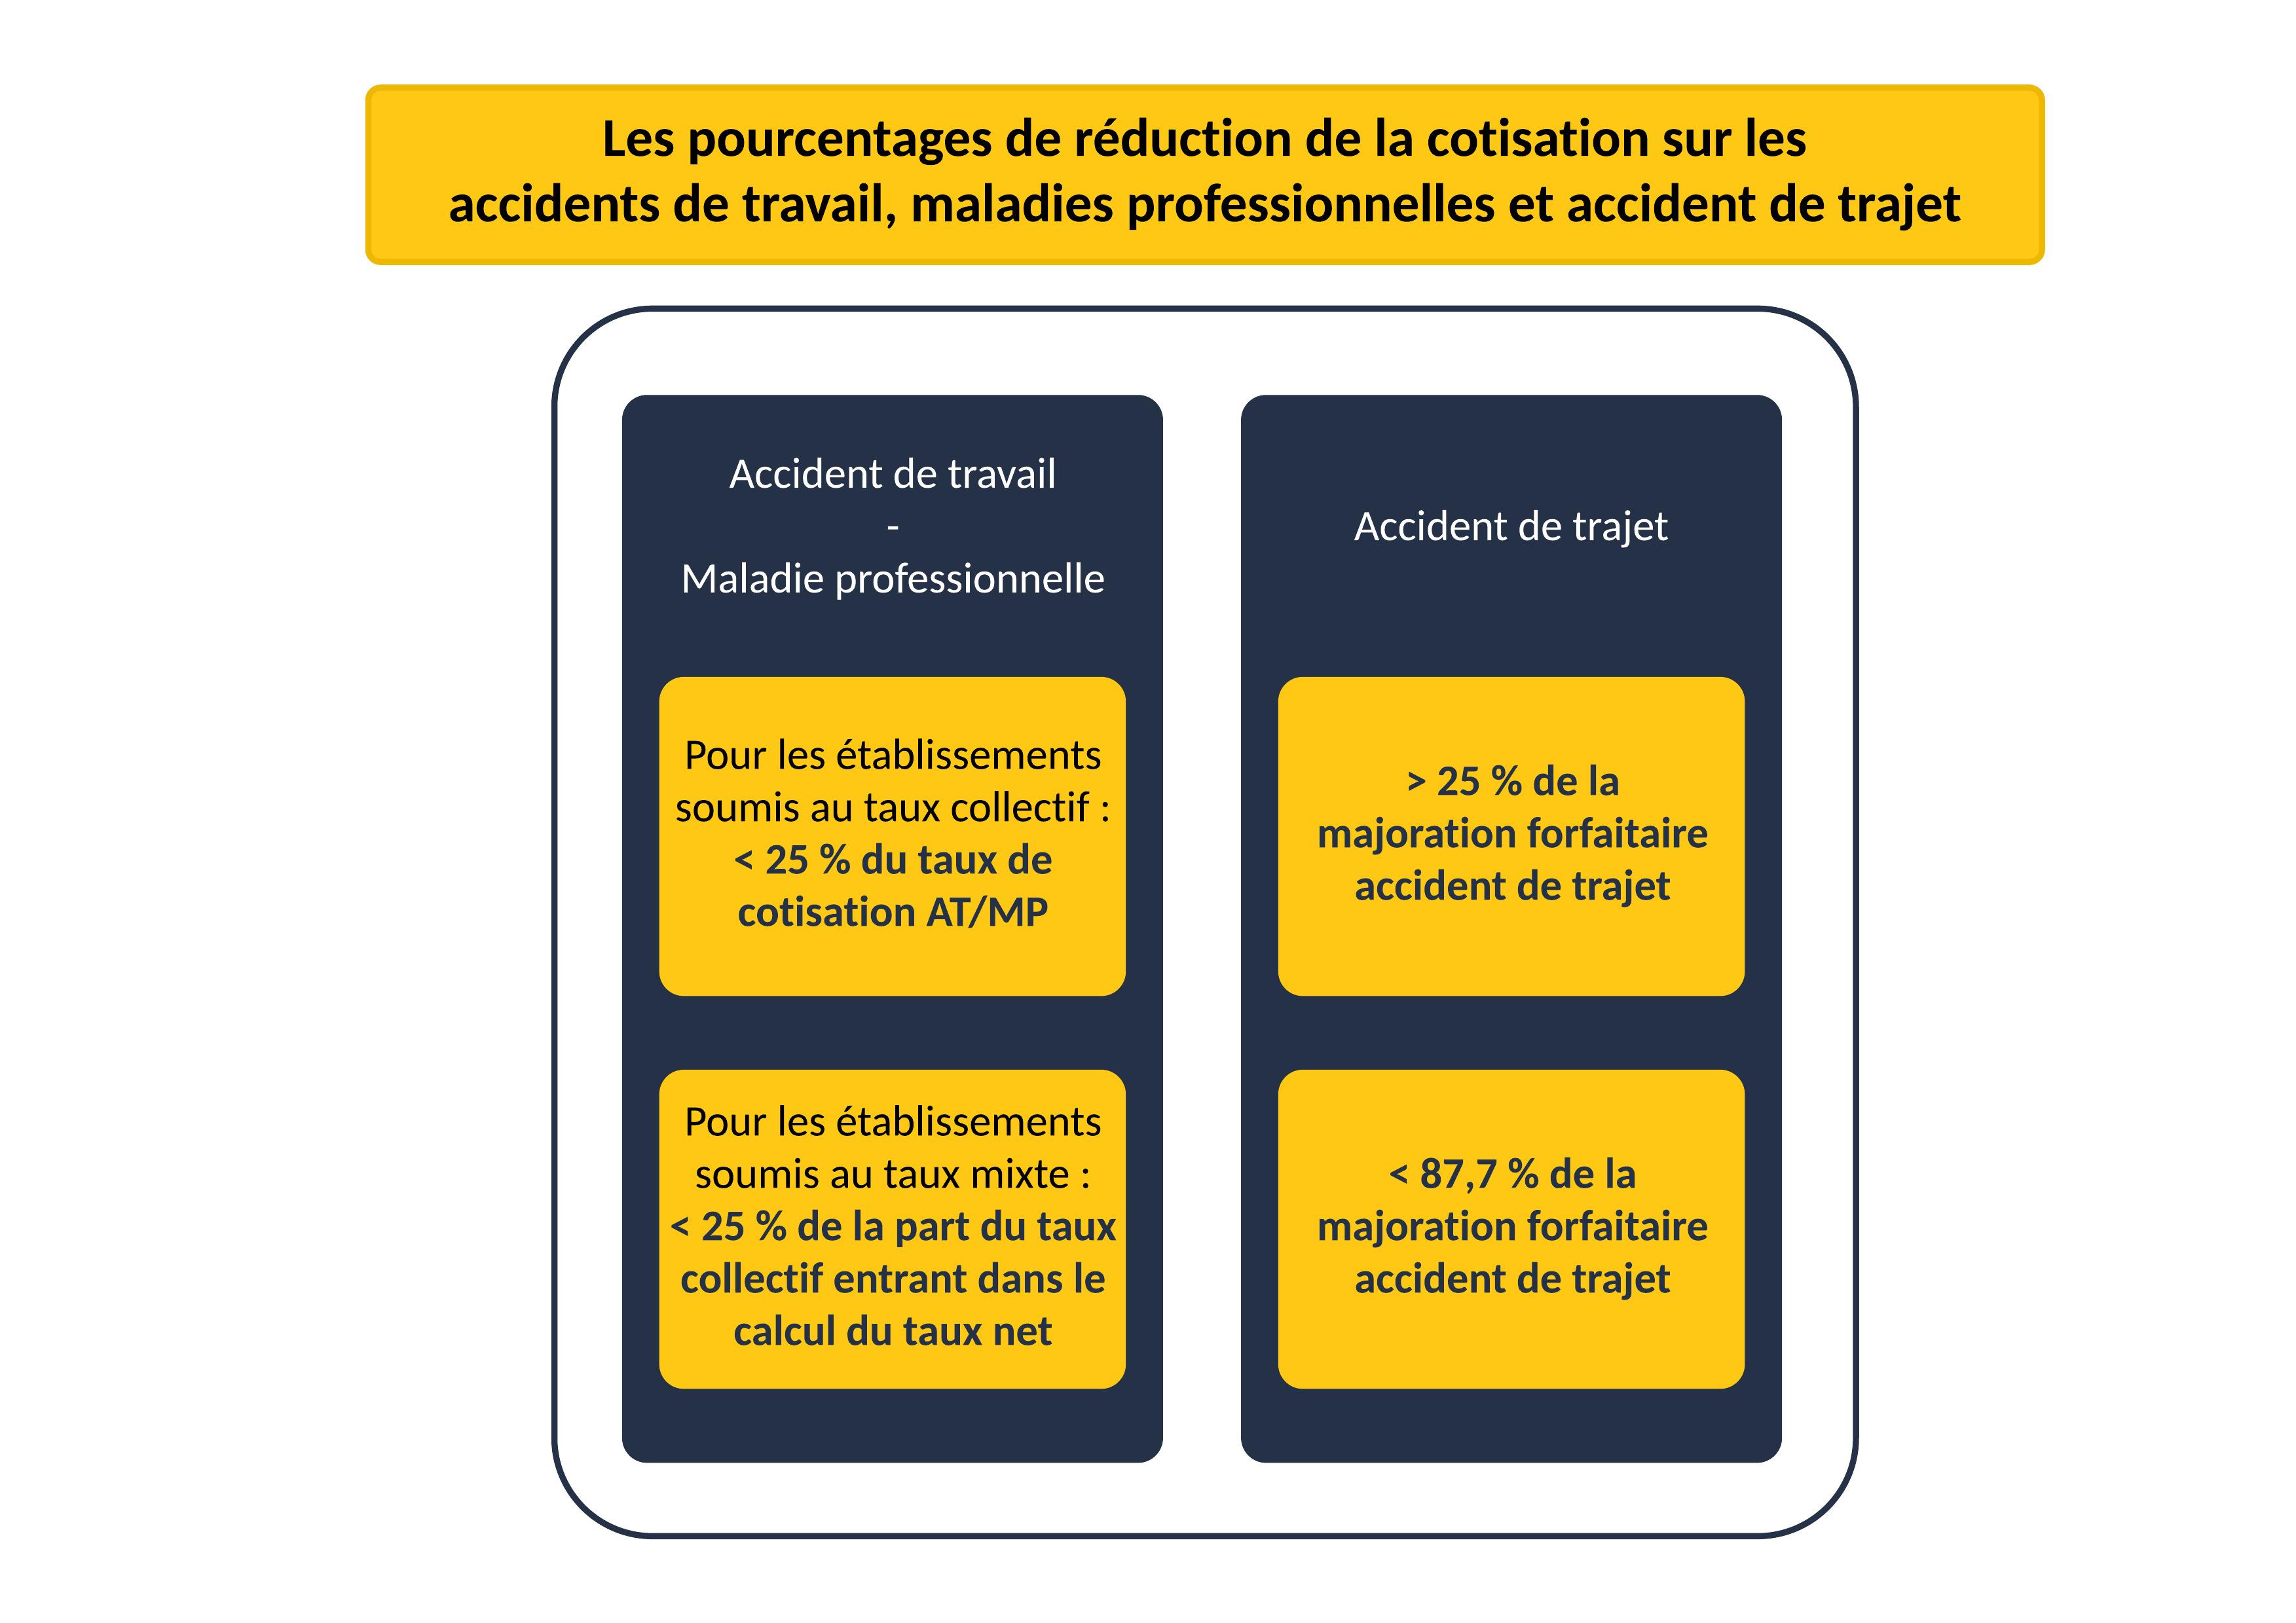 Les pourcentages de réduction de la cotisation